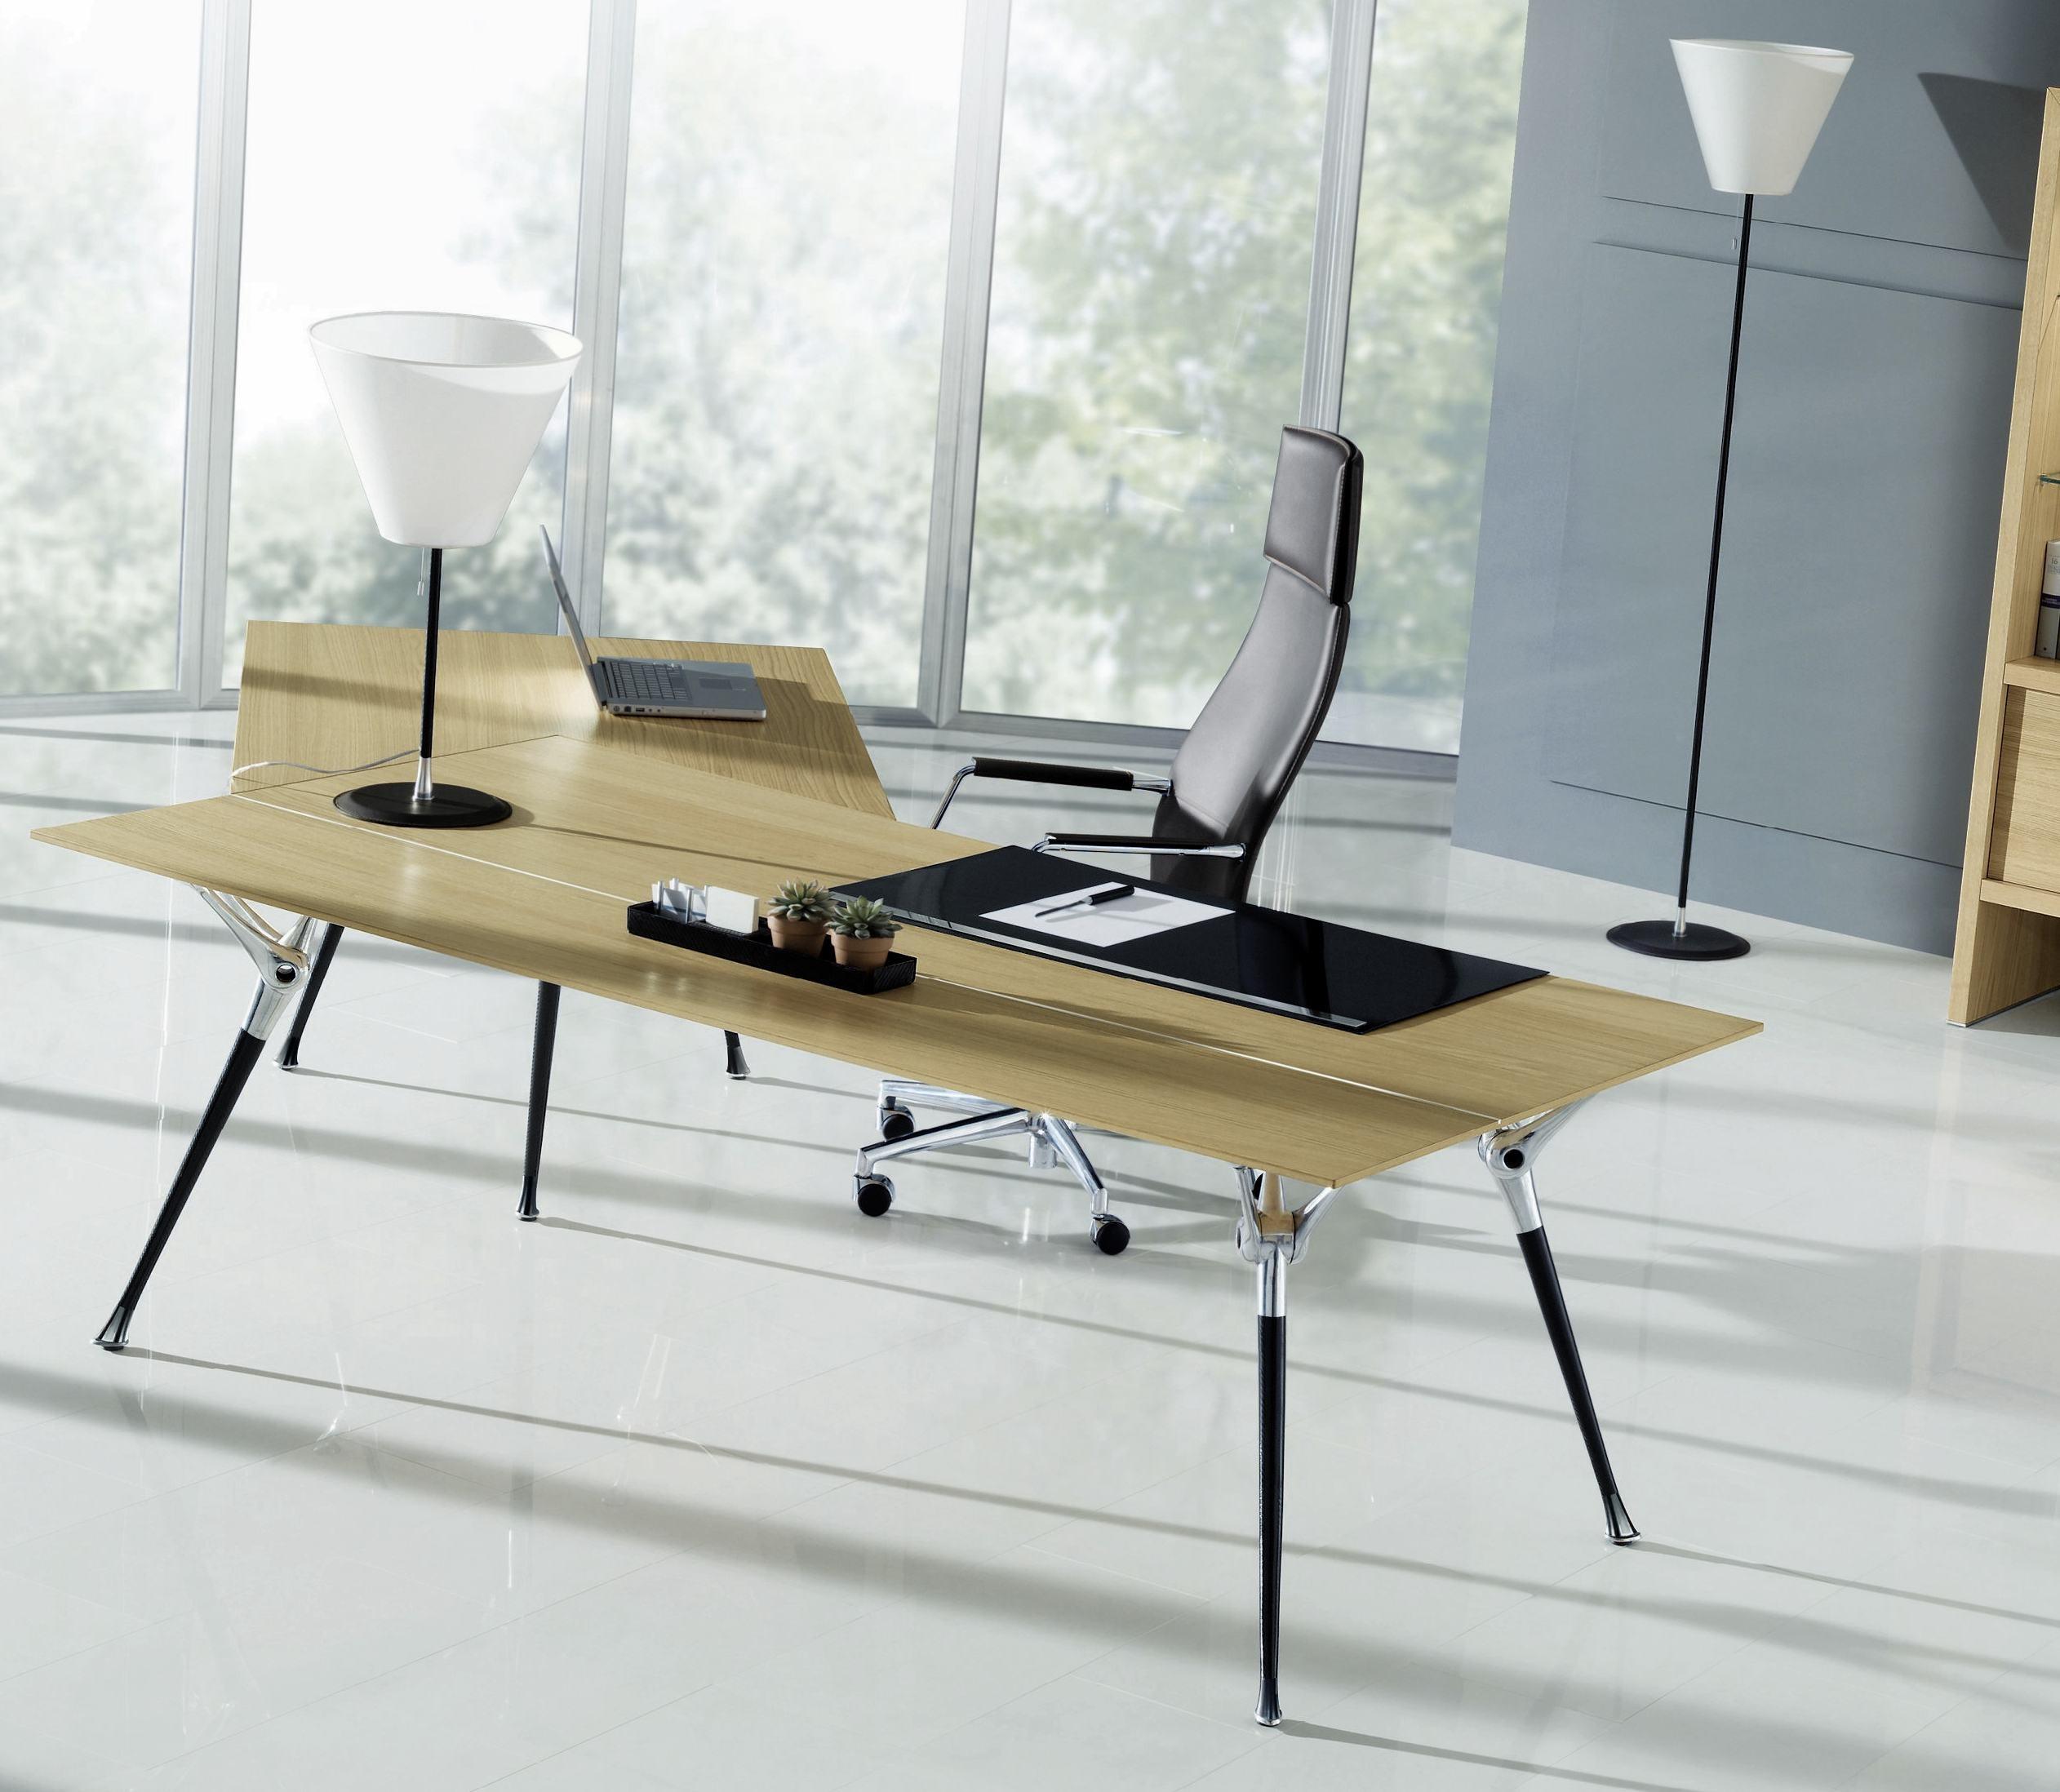 Codutti Mobili Ufficio.Codutti Furniture S R L Linkedin